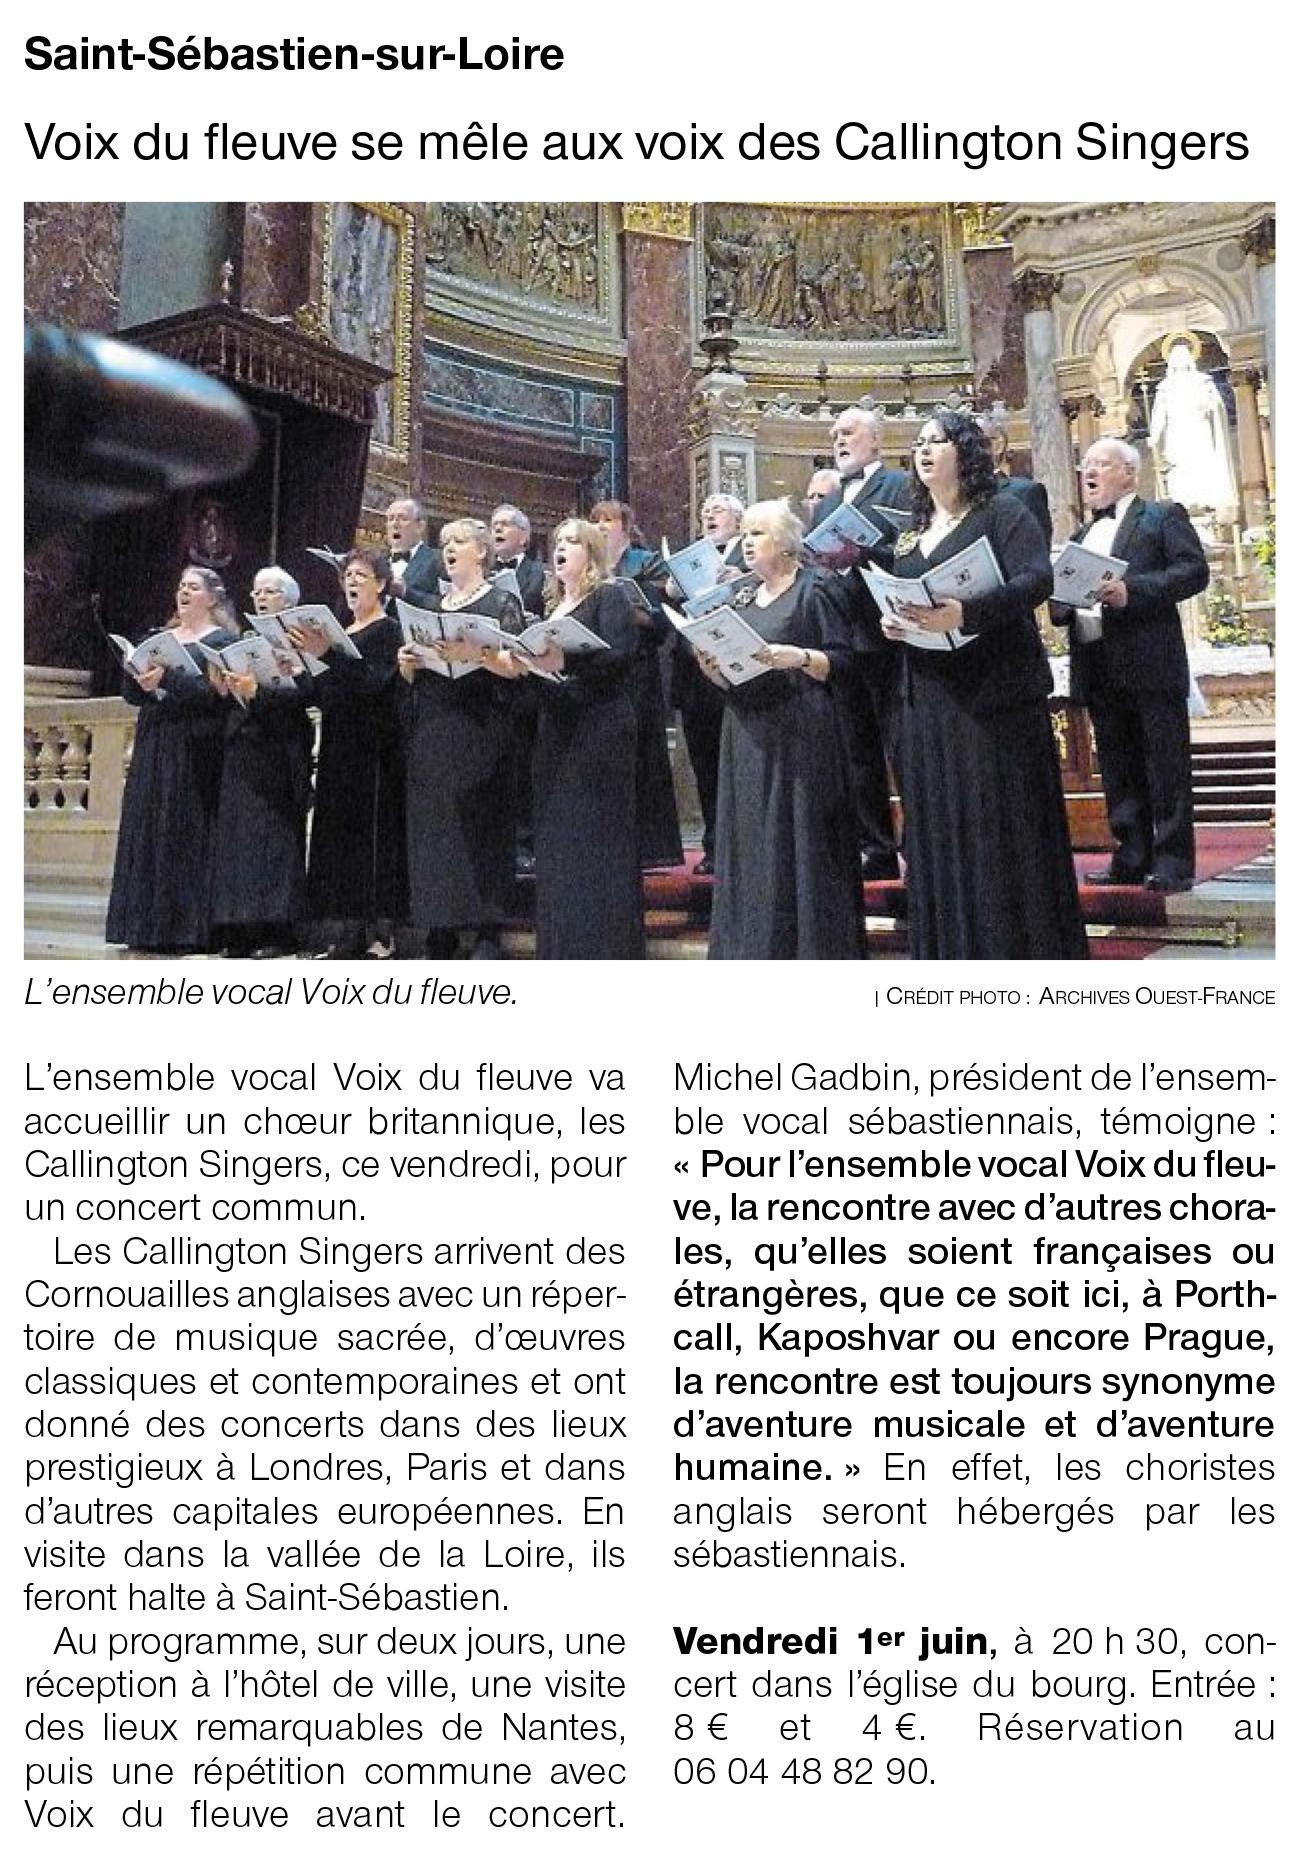 Voix du Fleuve se mêle aux voix des Callington Singers [Ouest France 29-05-2018]